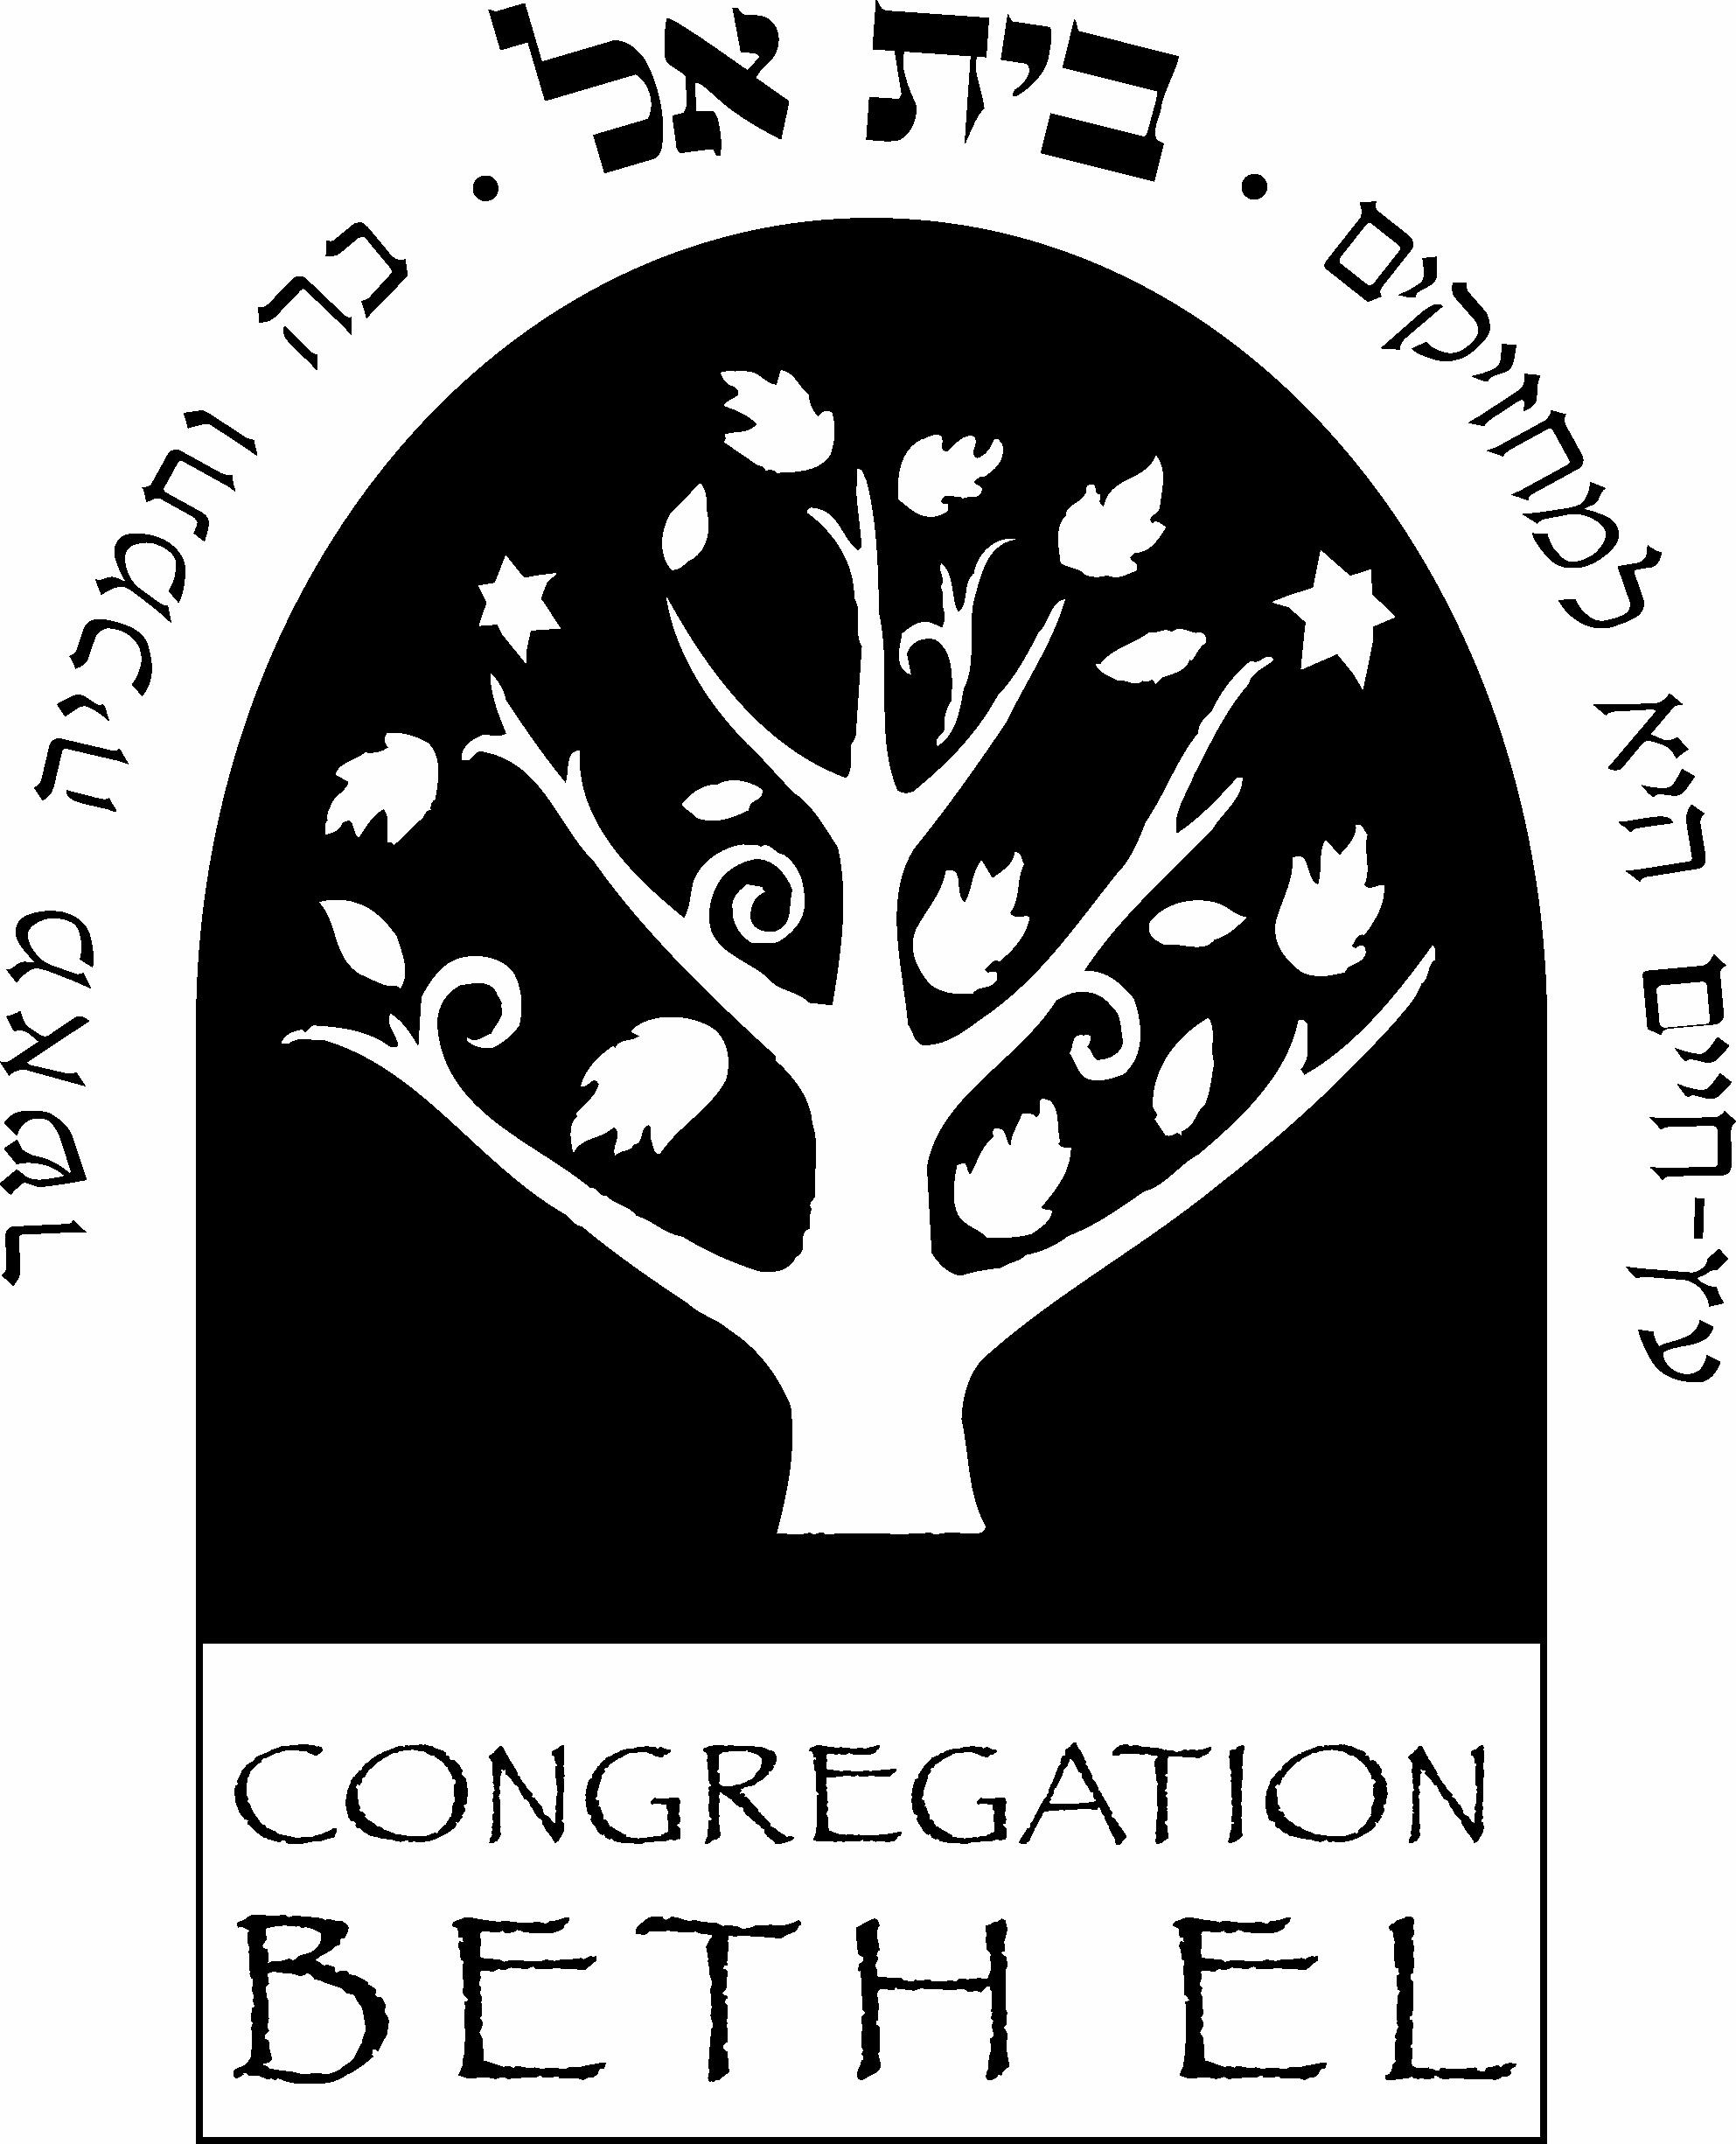 Congregation Beth El